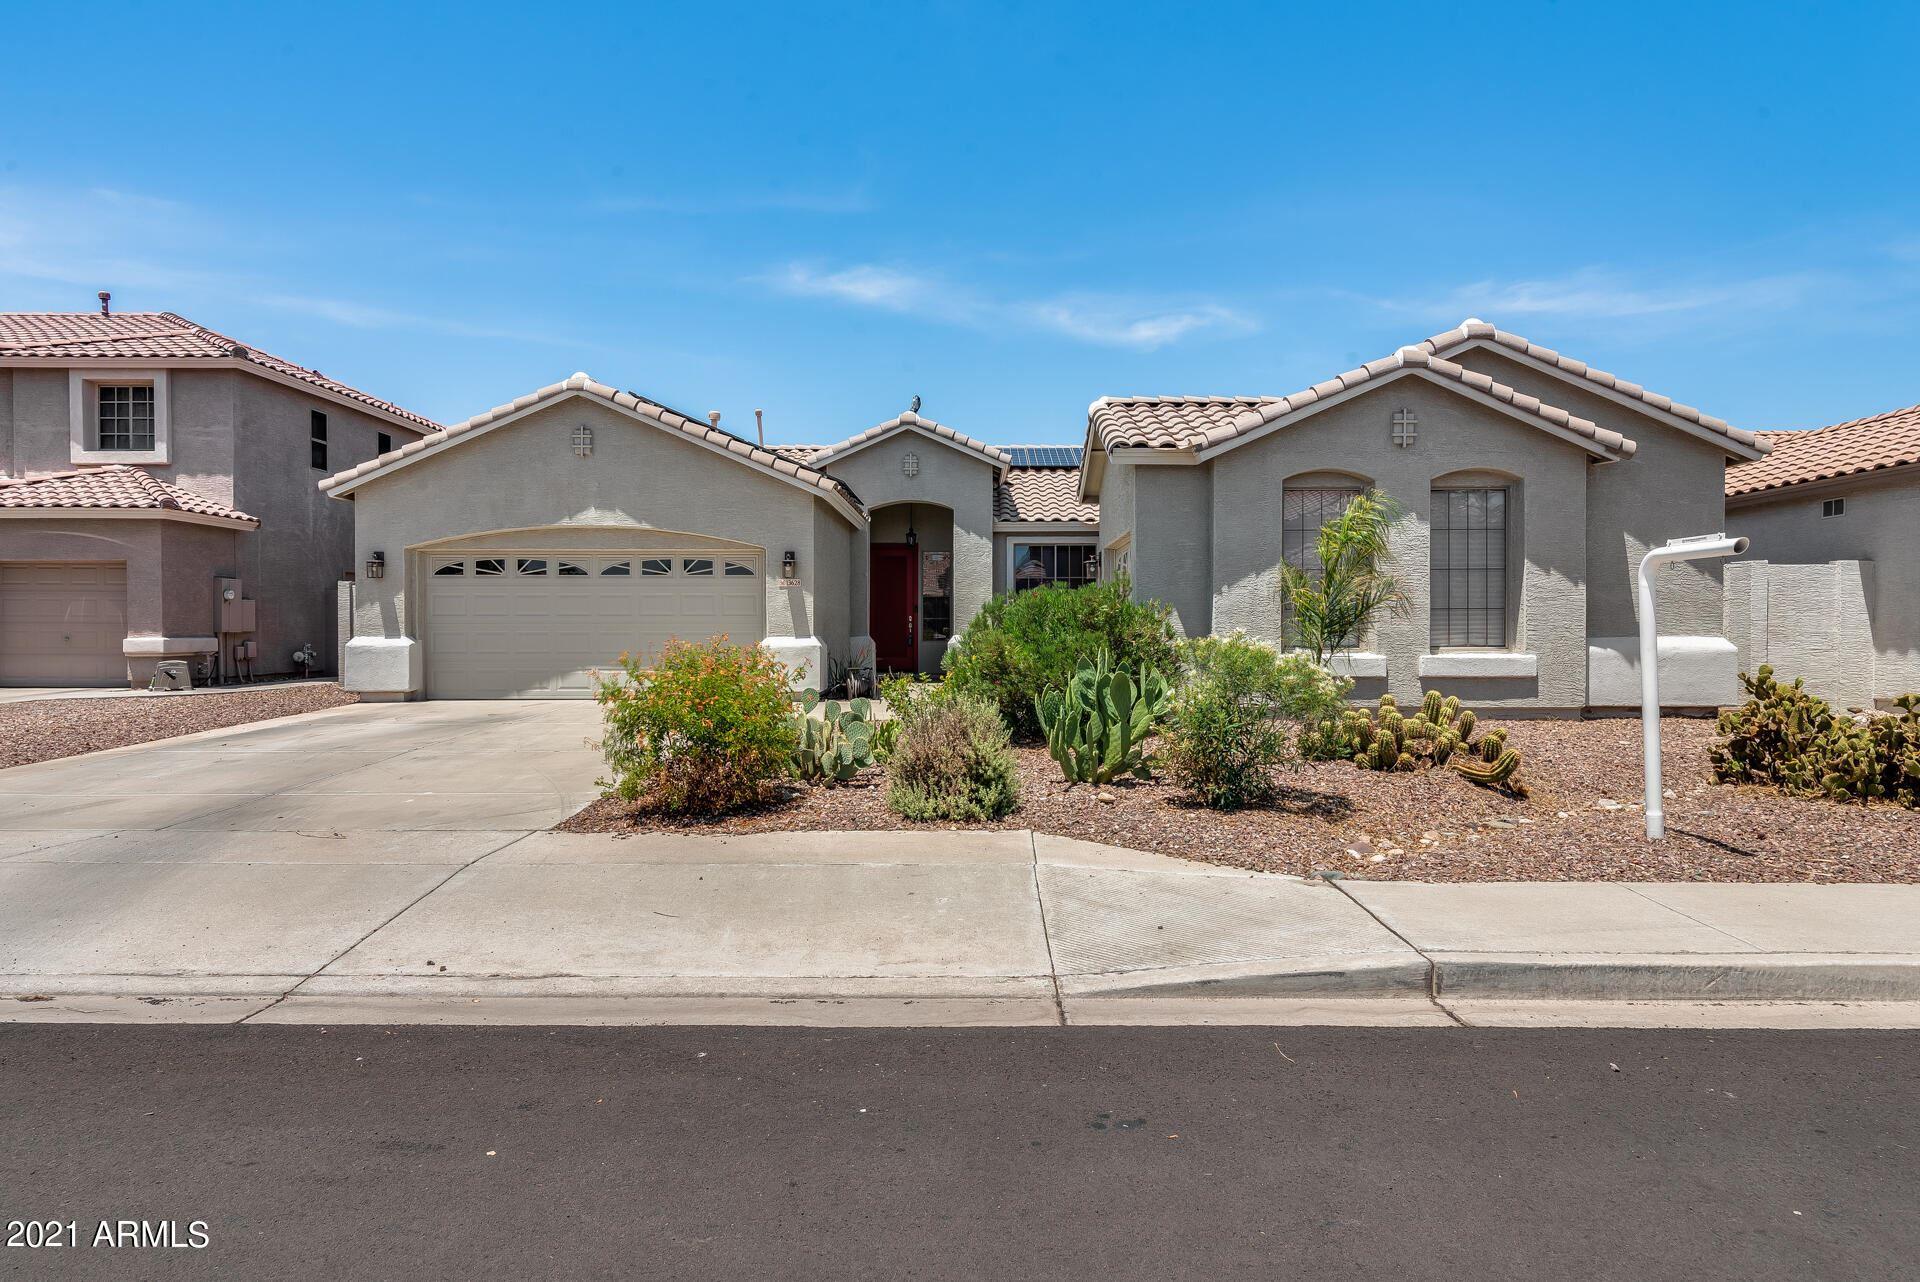 Photo of 13628 W San Miguel Ave Avenue, Litchfield Park, AZ 85340 (MLS # 6268869)